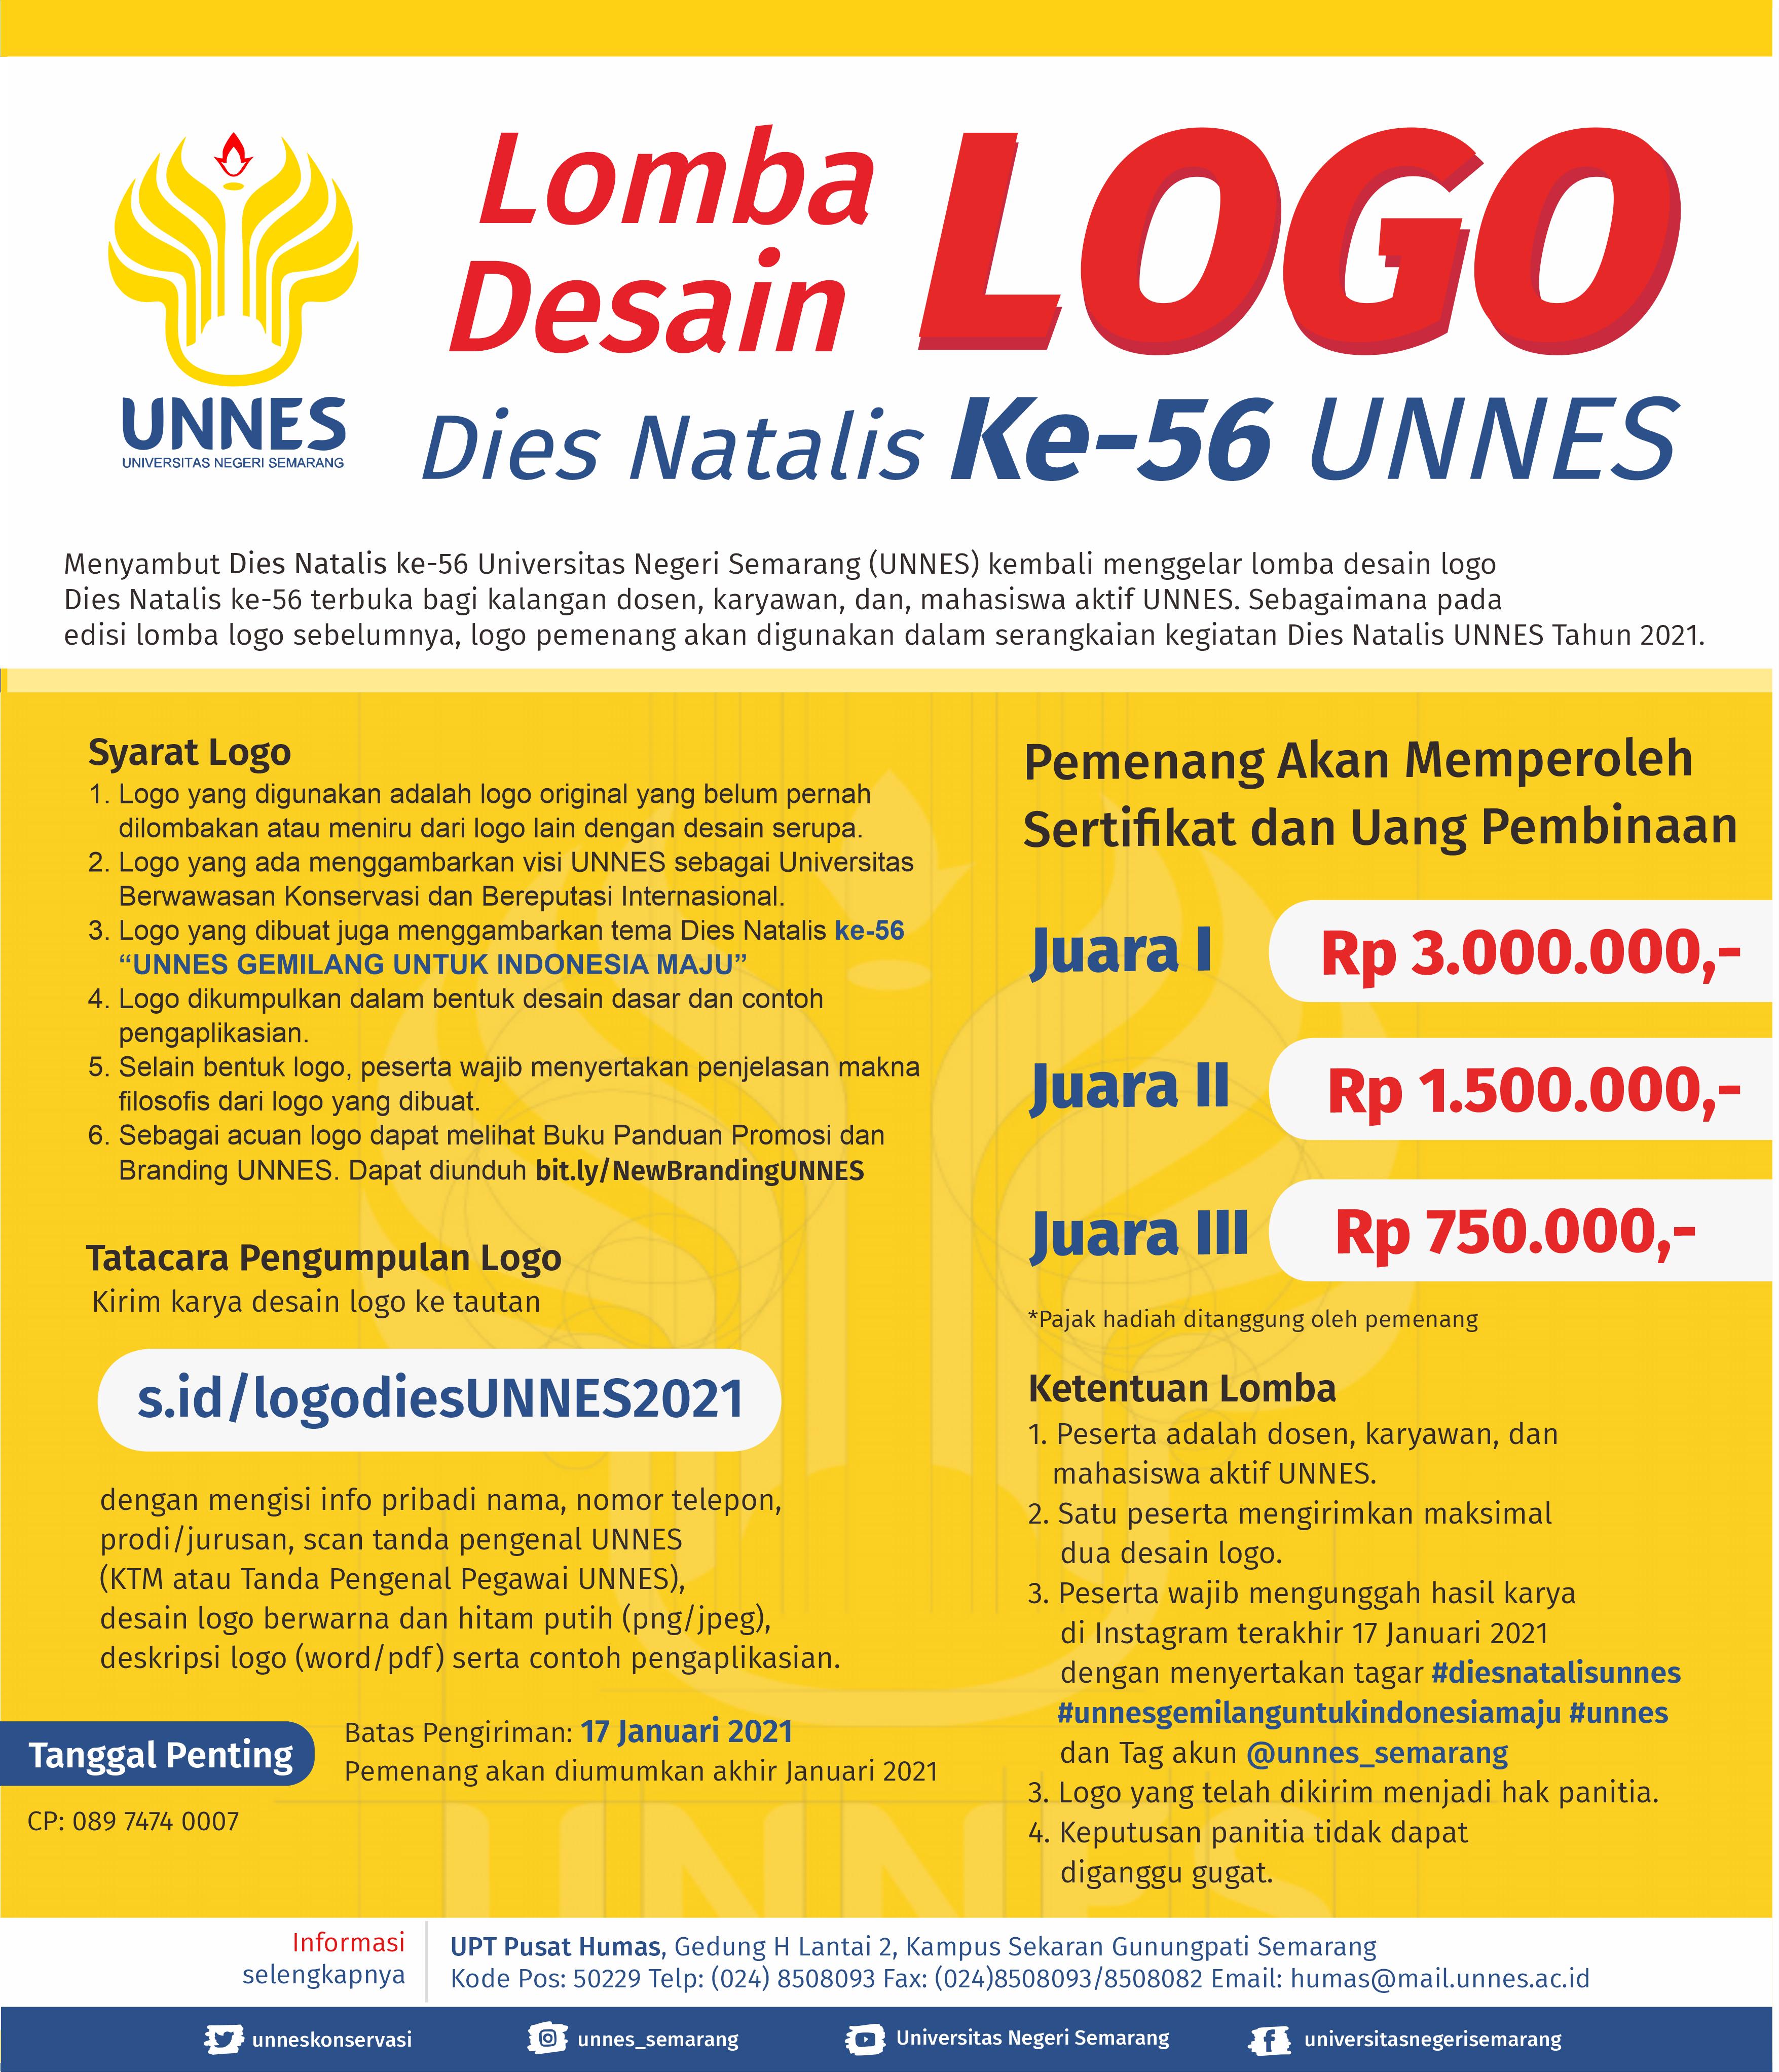 Iukuti Lomba Desain Logo Dies Natalis ke-56 UNNES Berhadiah Jutaan Rupiah